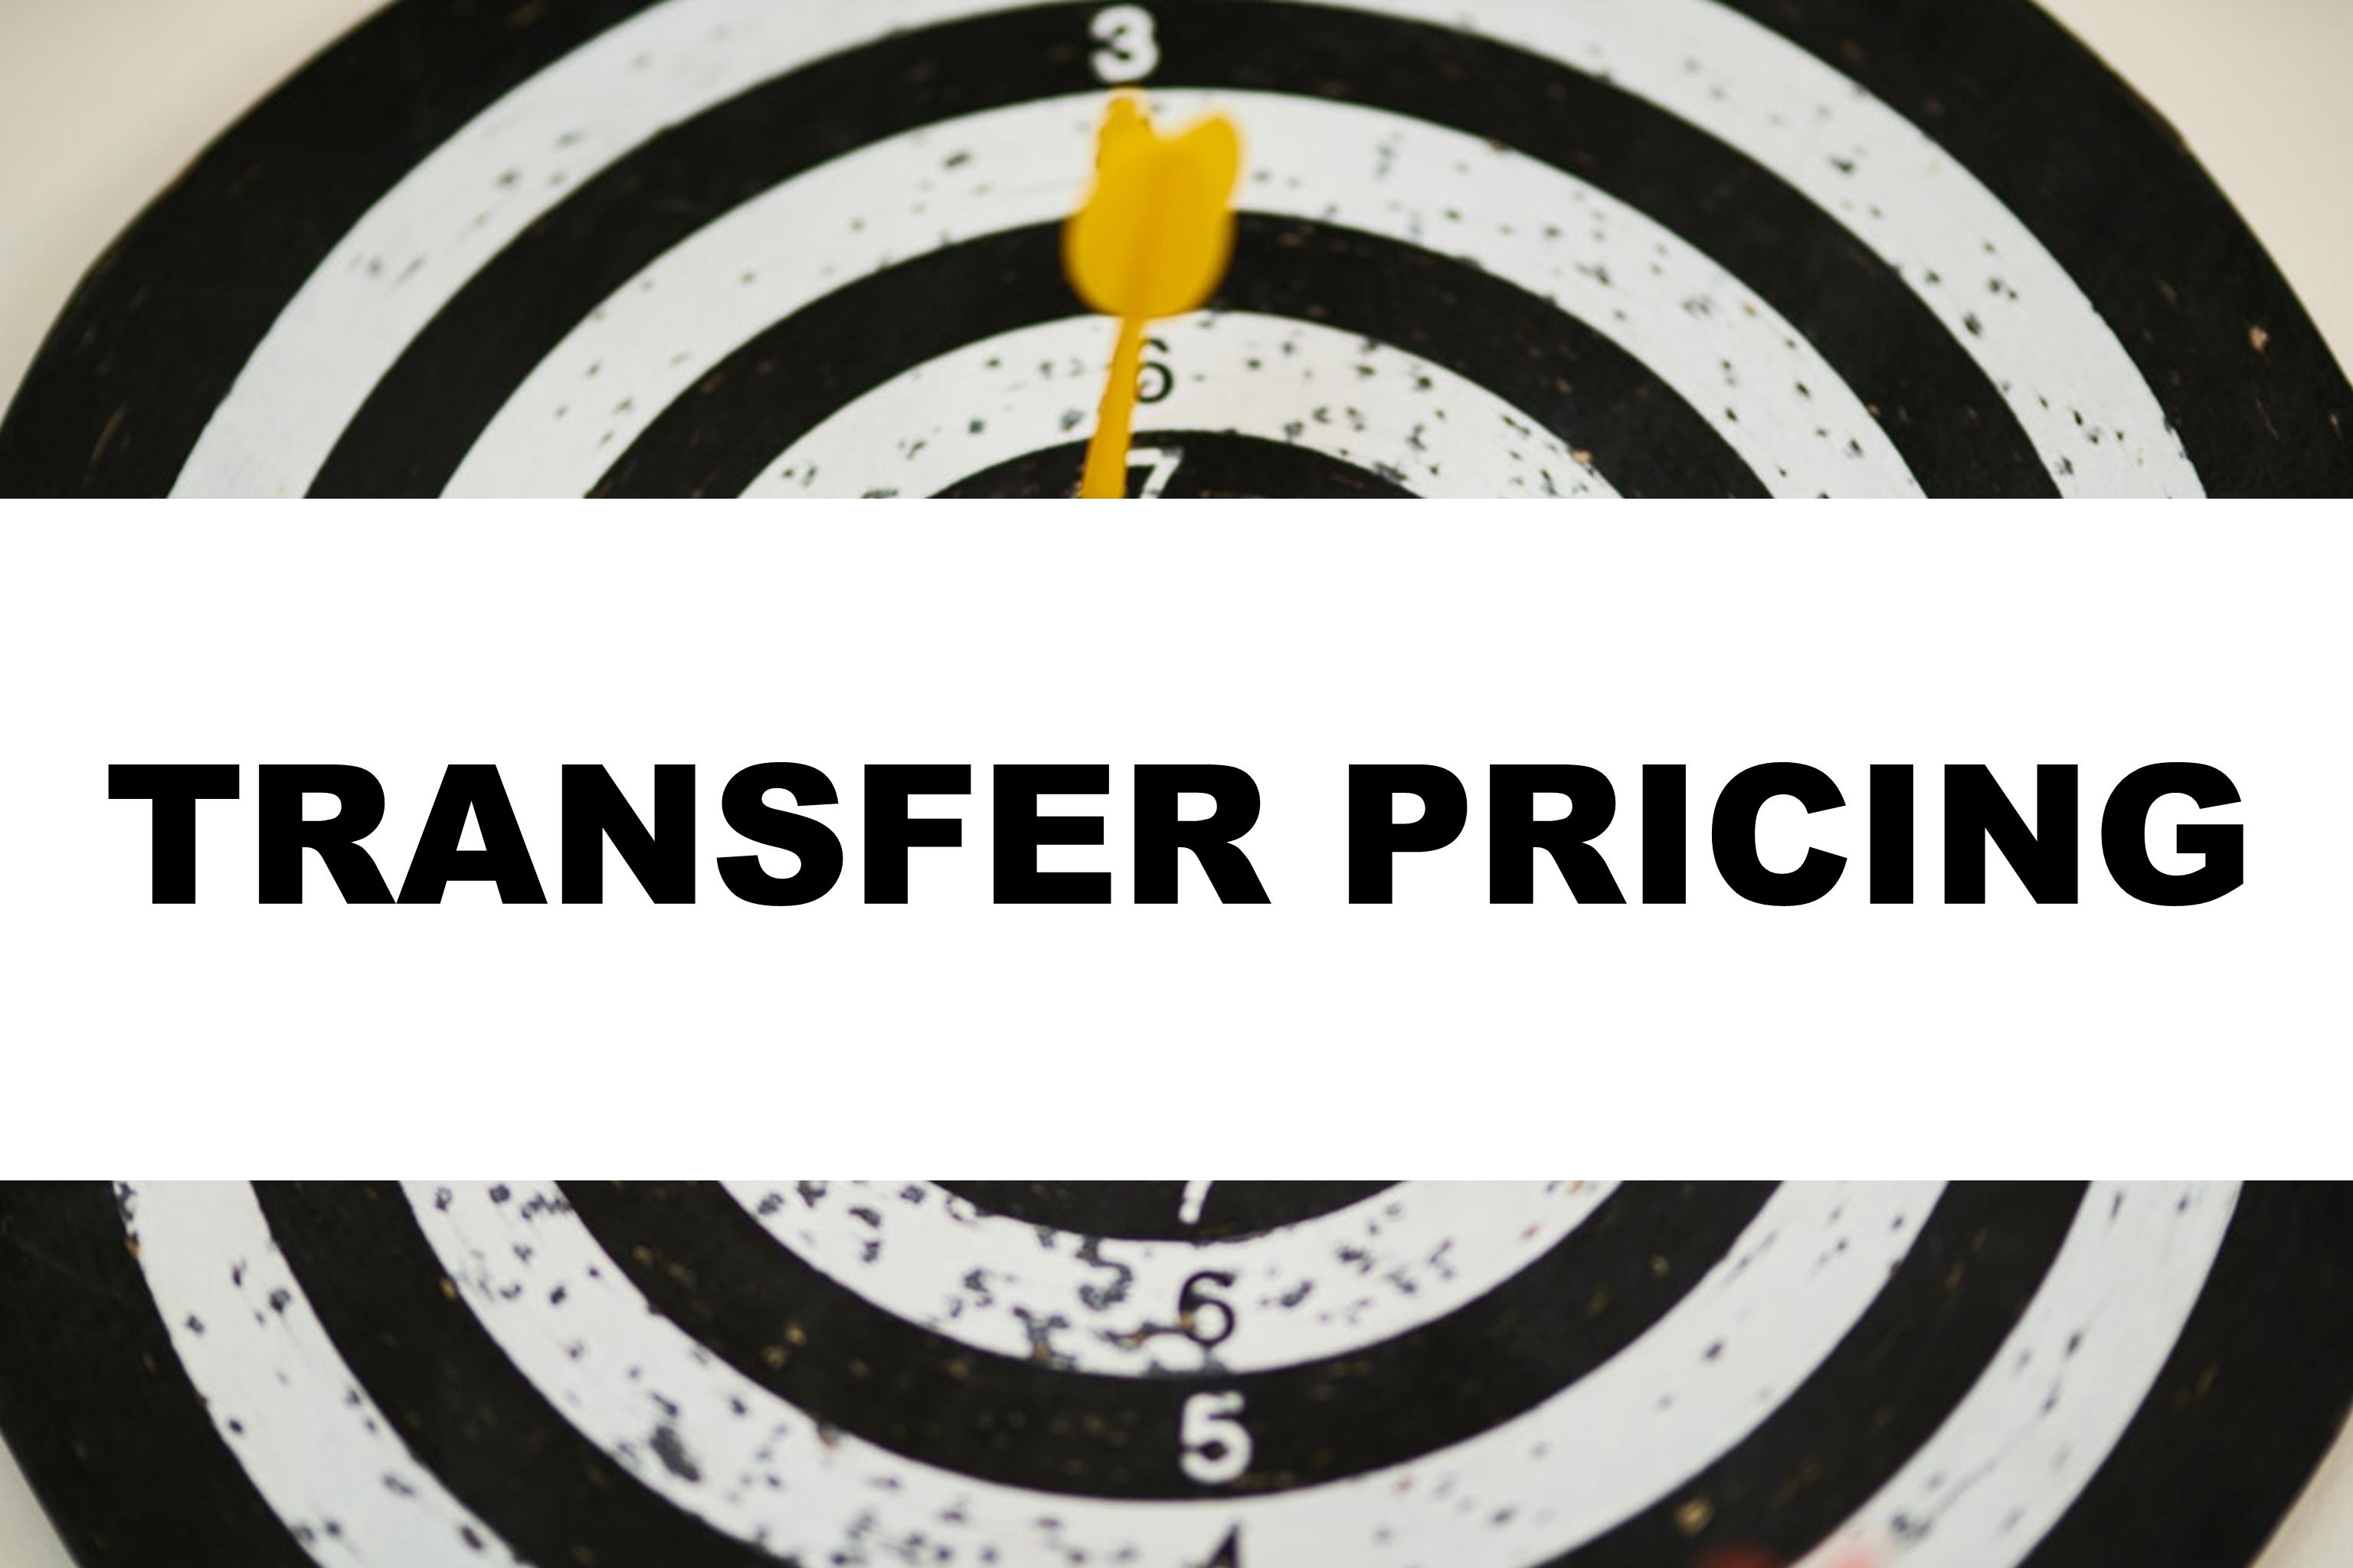 CENY TRANSFEROWE – najważniejsze zmiany od 01.01.2019